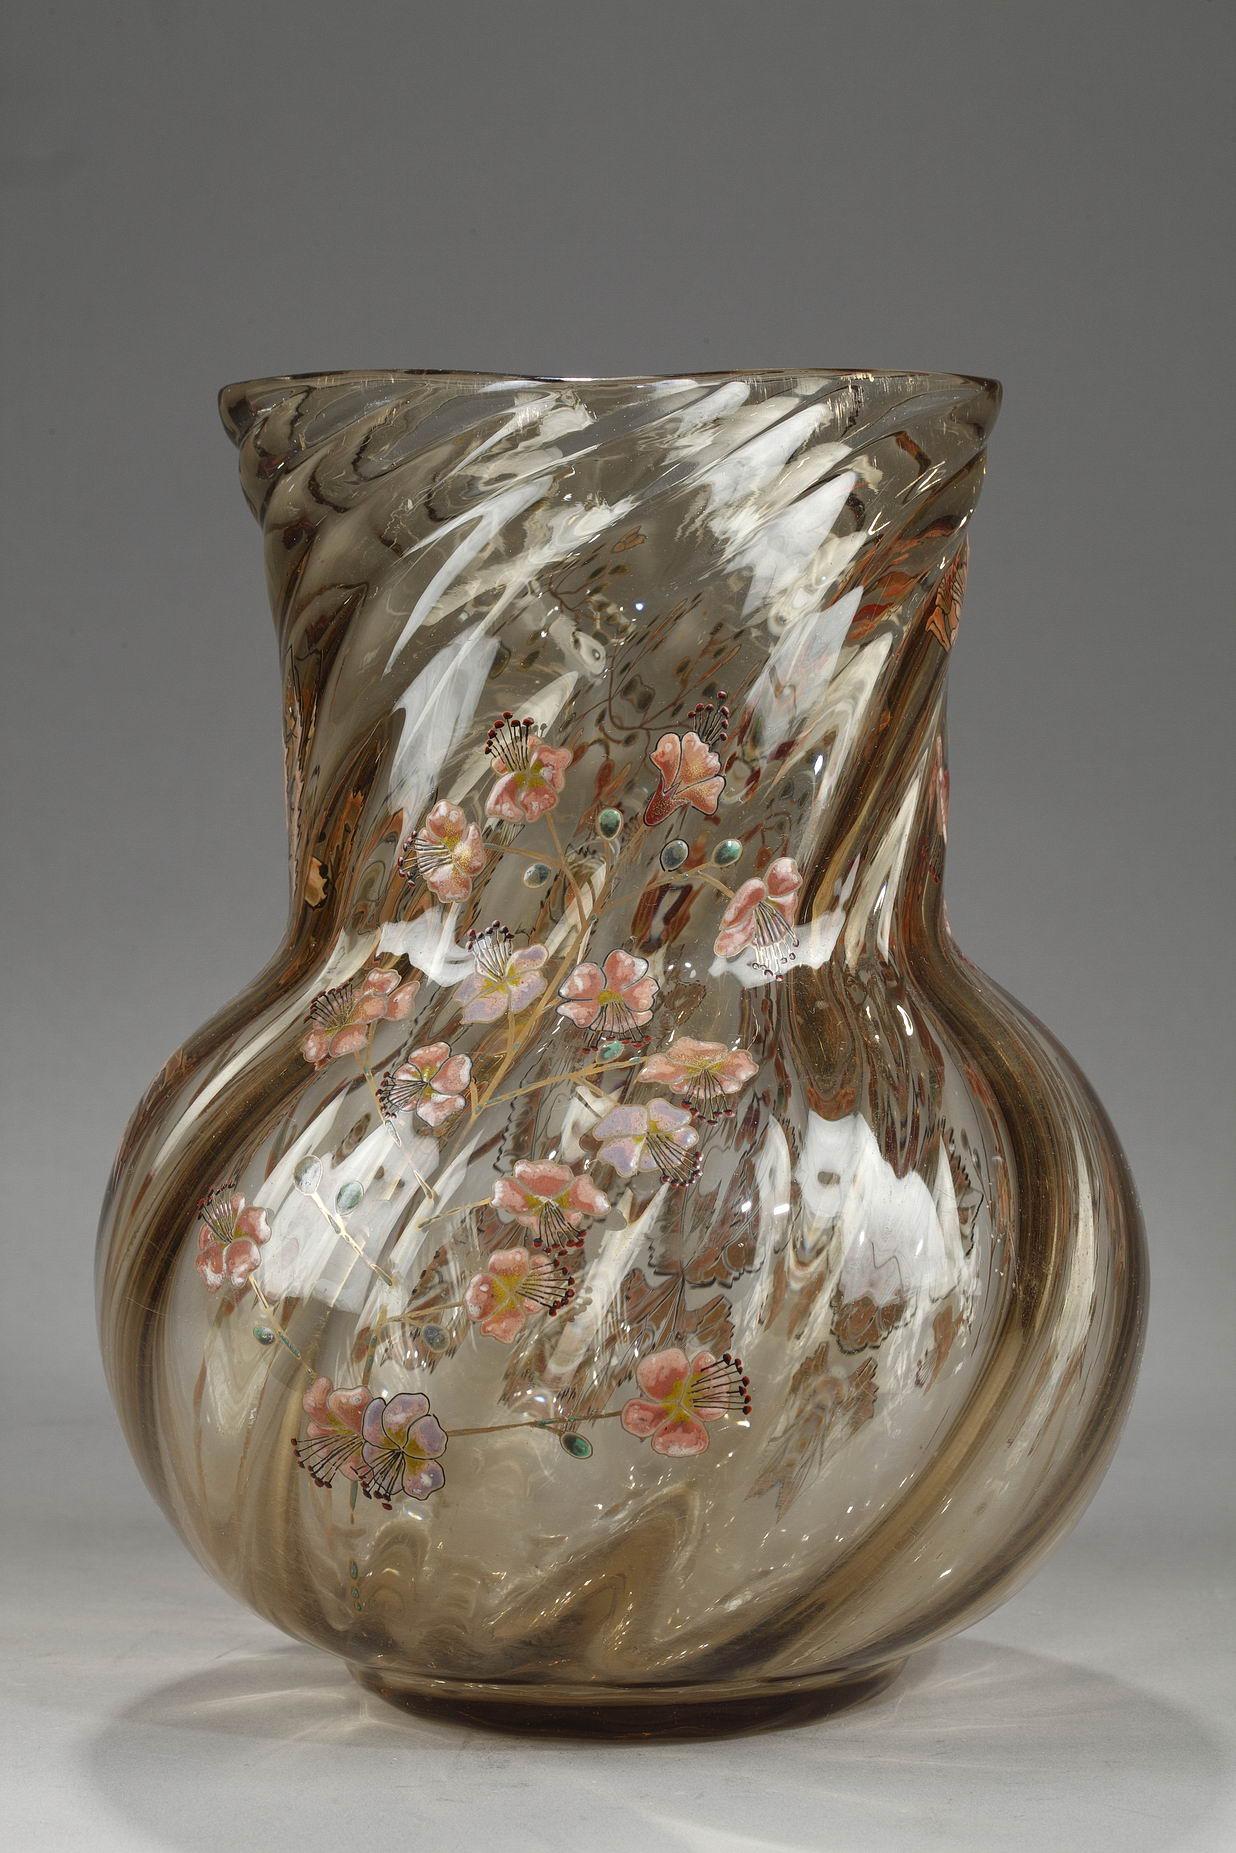 Emile Gallé (1846-1904), Cristallerie, Vase à décor de branches de cerisier, haut. 24 cm. sculptures, verreries - galerie Tourbillon, Paris